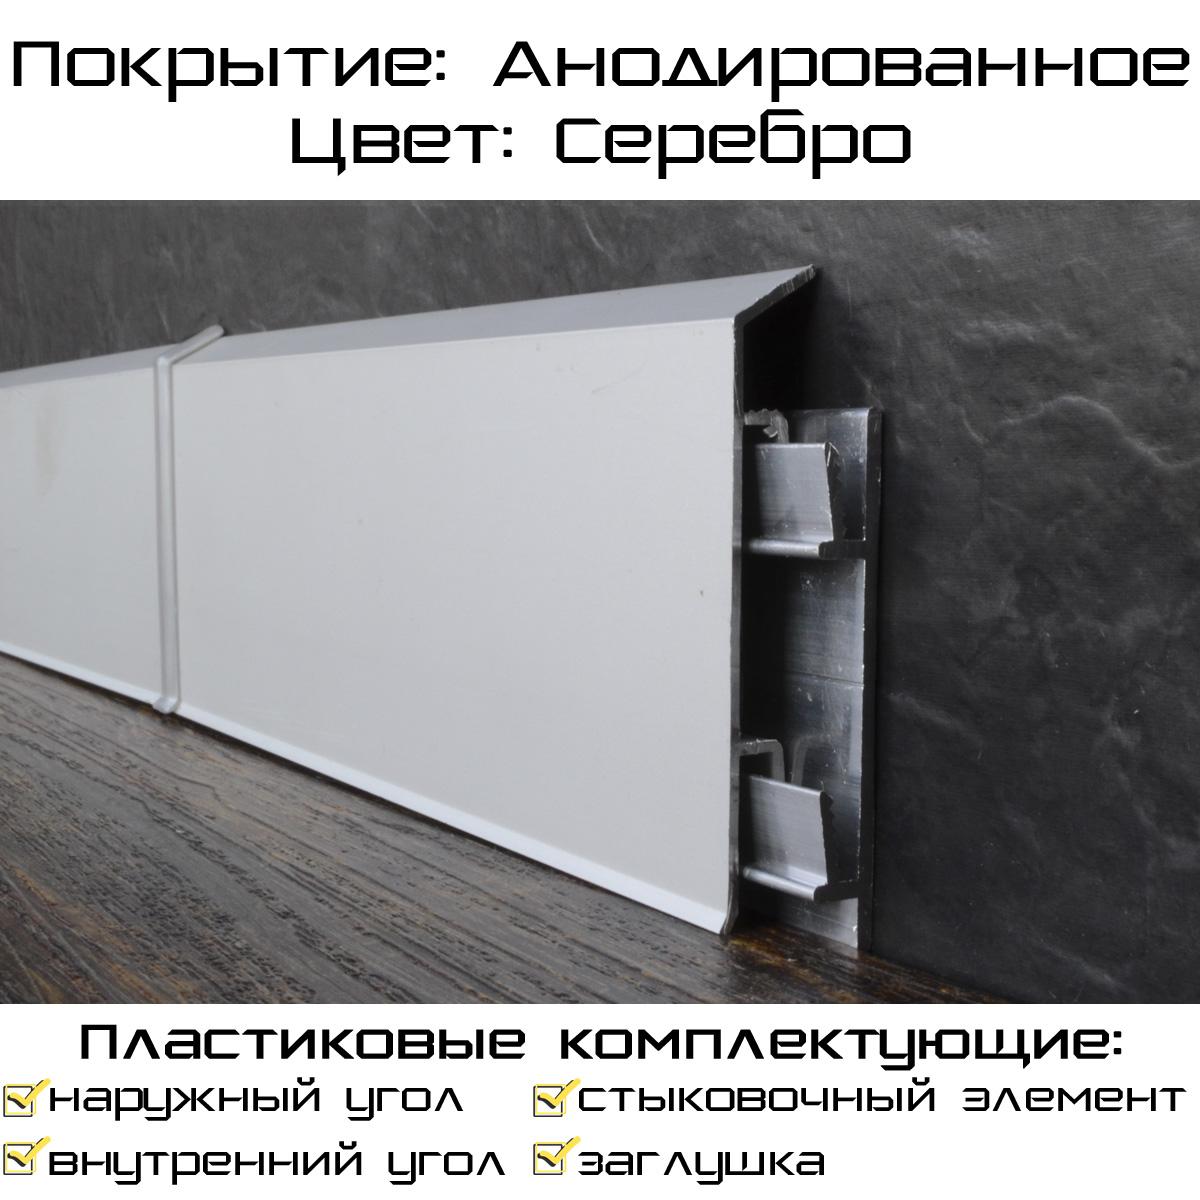 https://www.e-t1.ru/images/upload/70_clips.JPG